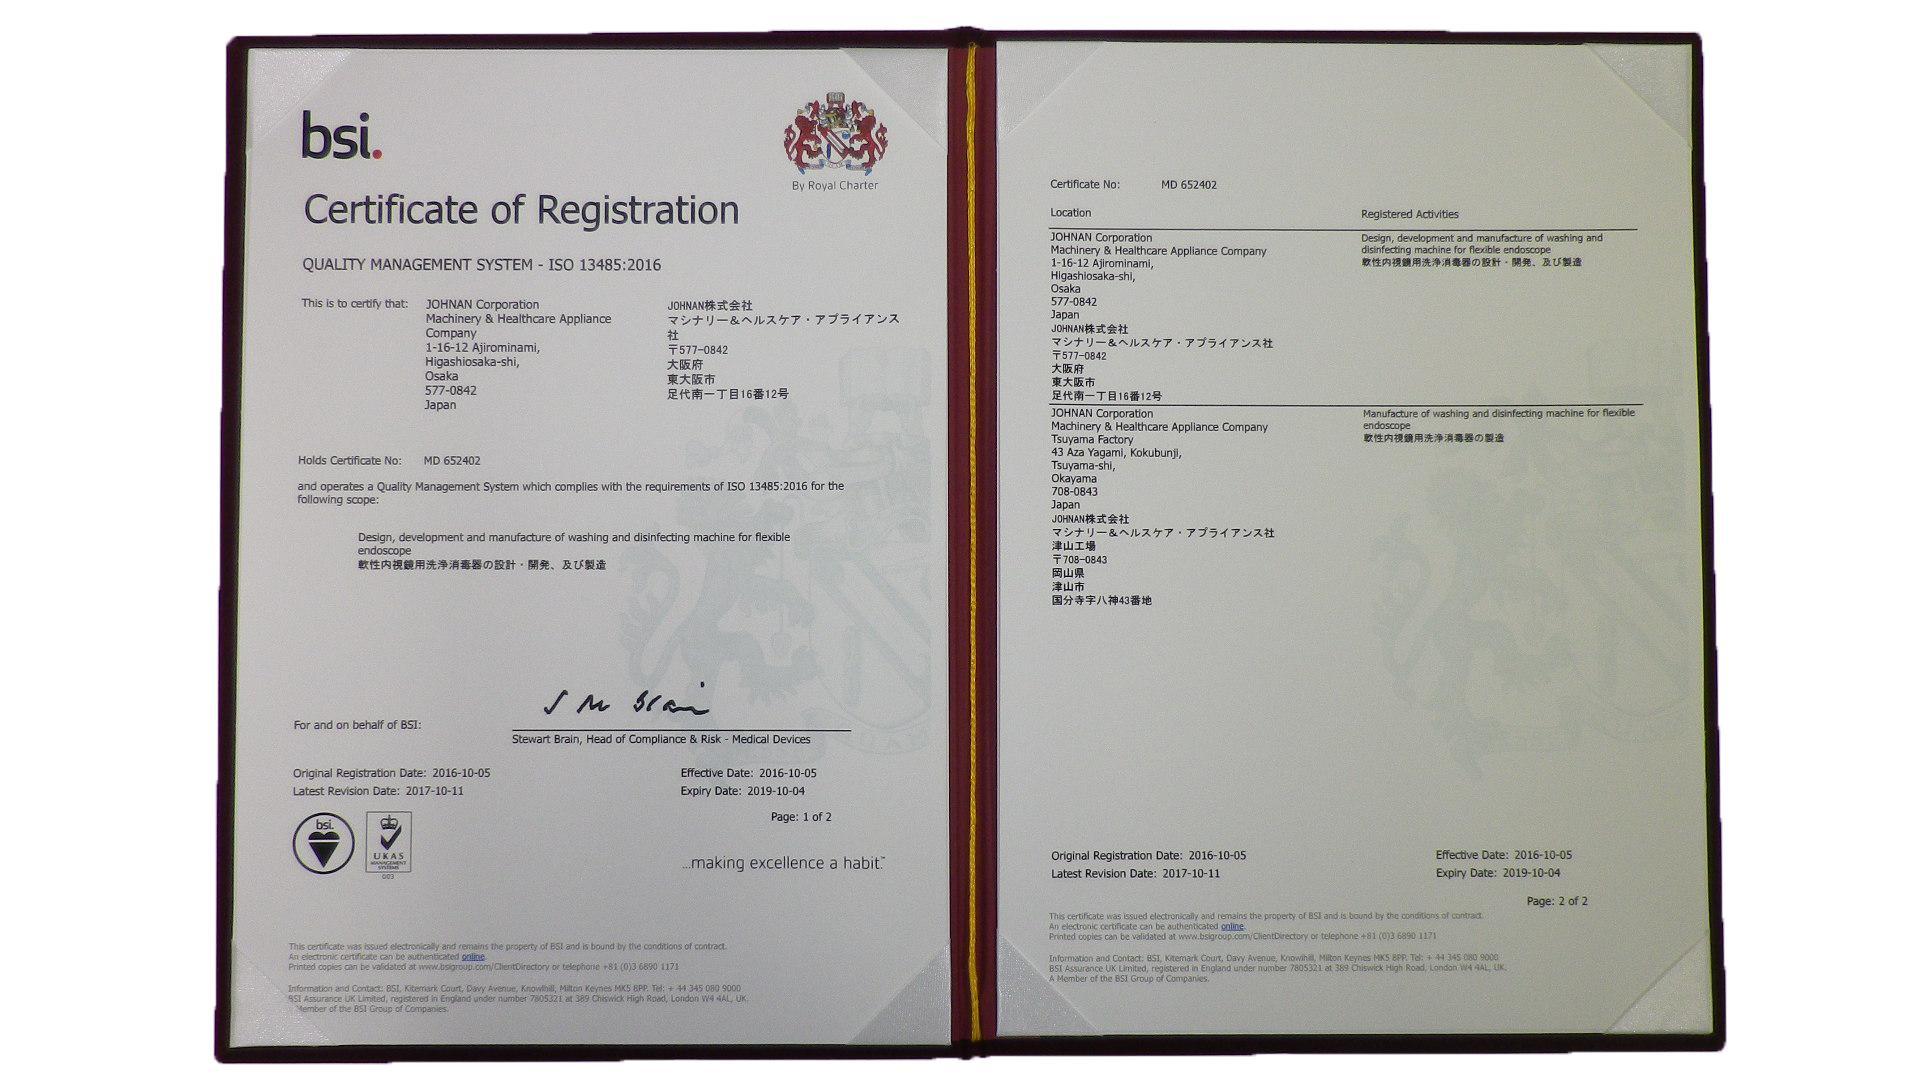 第二種医療機器製造販売業取得、ISO13485取得の実績